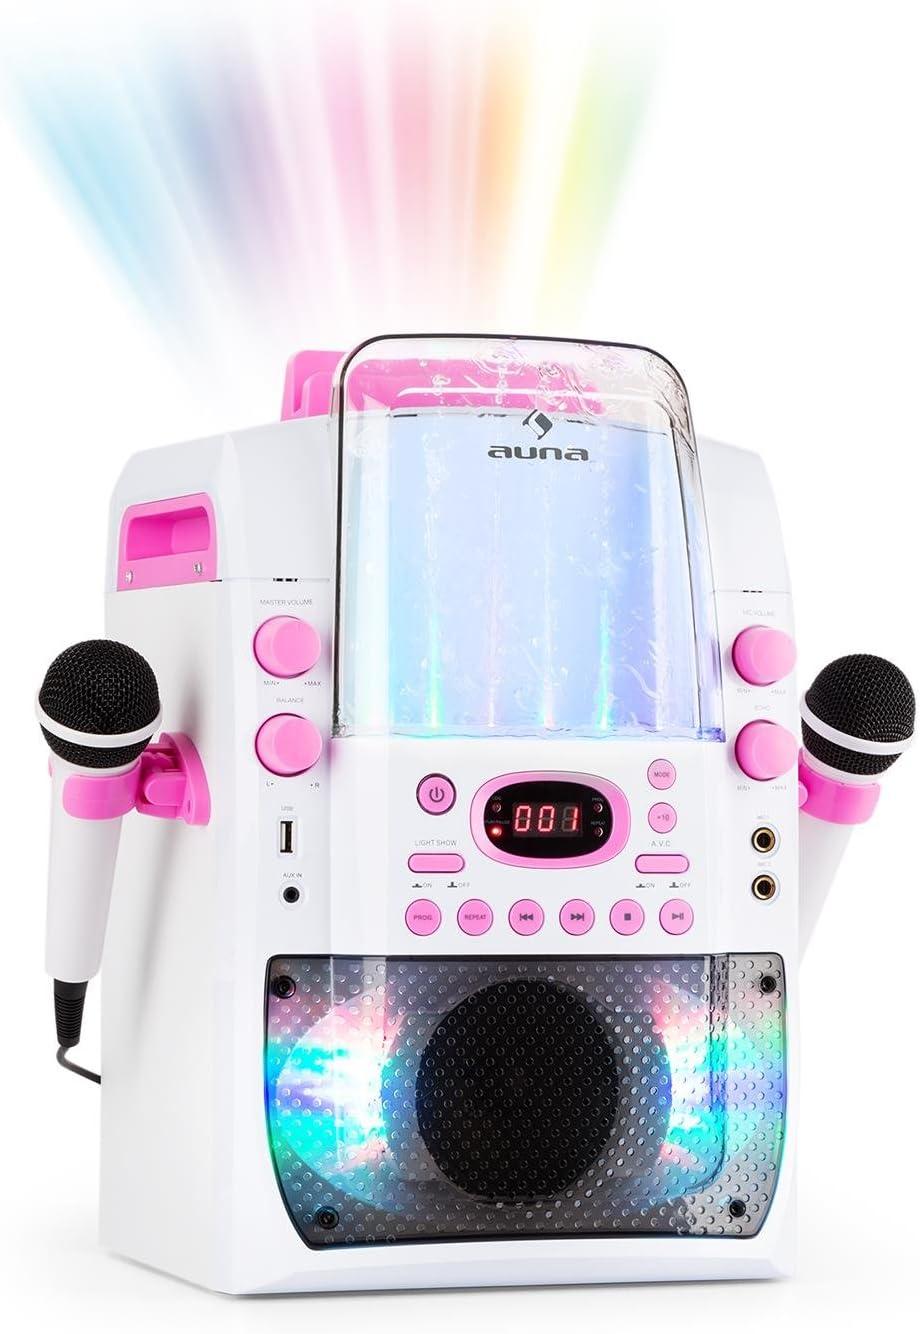 Amazon.es: Auna Kara Liquida BT • Equipo de karaoke • Juego de karaoke • Para niños • Efecto luminoso LED multicolor con fuente de agua • Puerto USB con MP3 • Bluetooth •